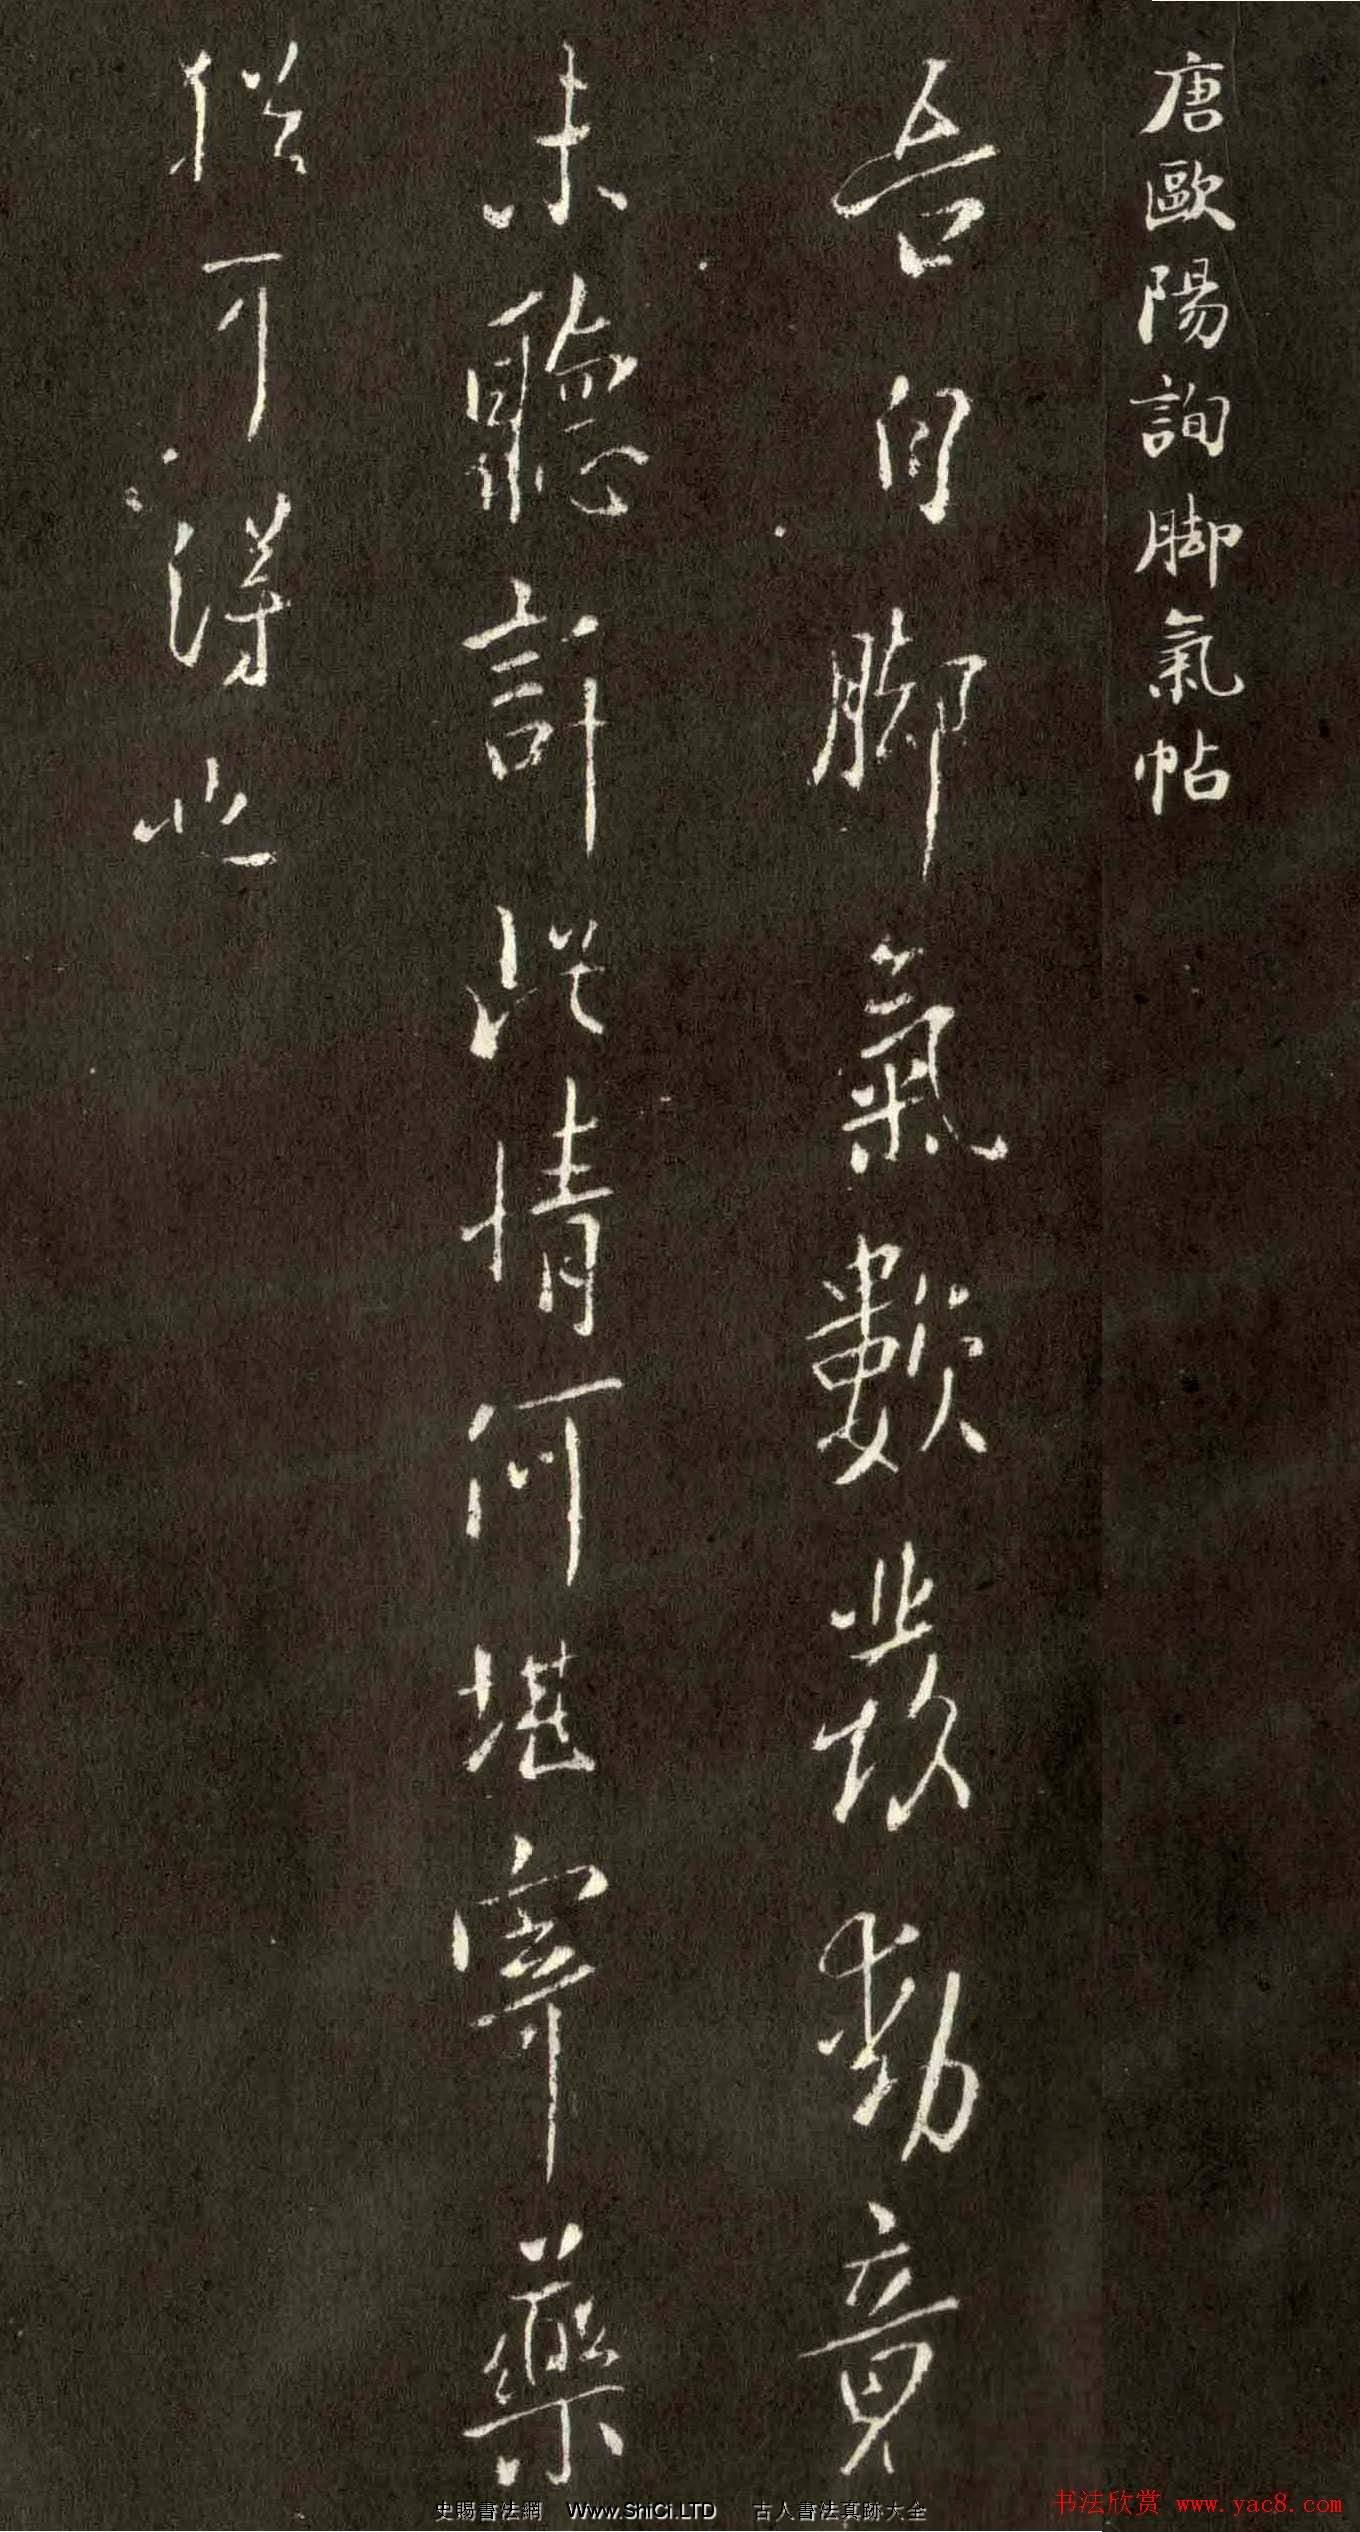 歐陽詢書法行書作品真跡欣賞《腳氣帖》(共2張圖片)